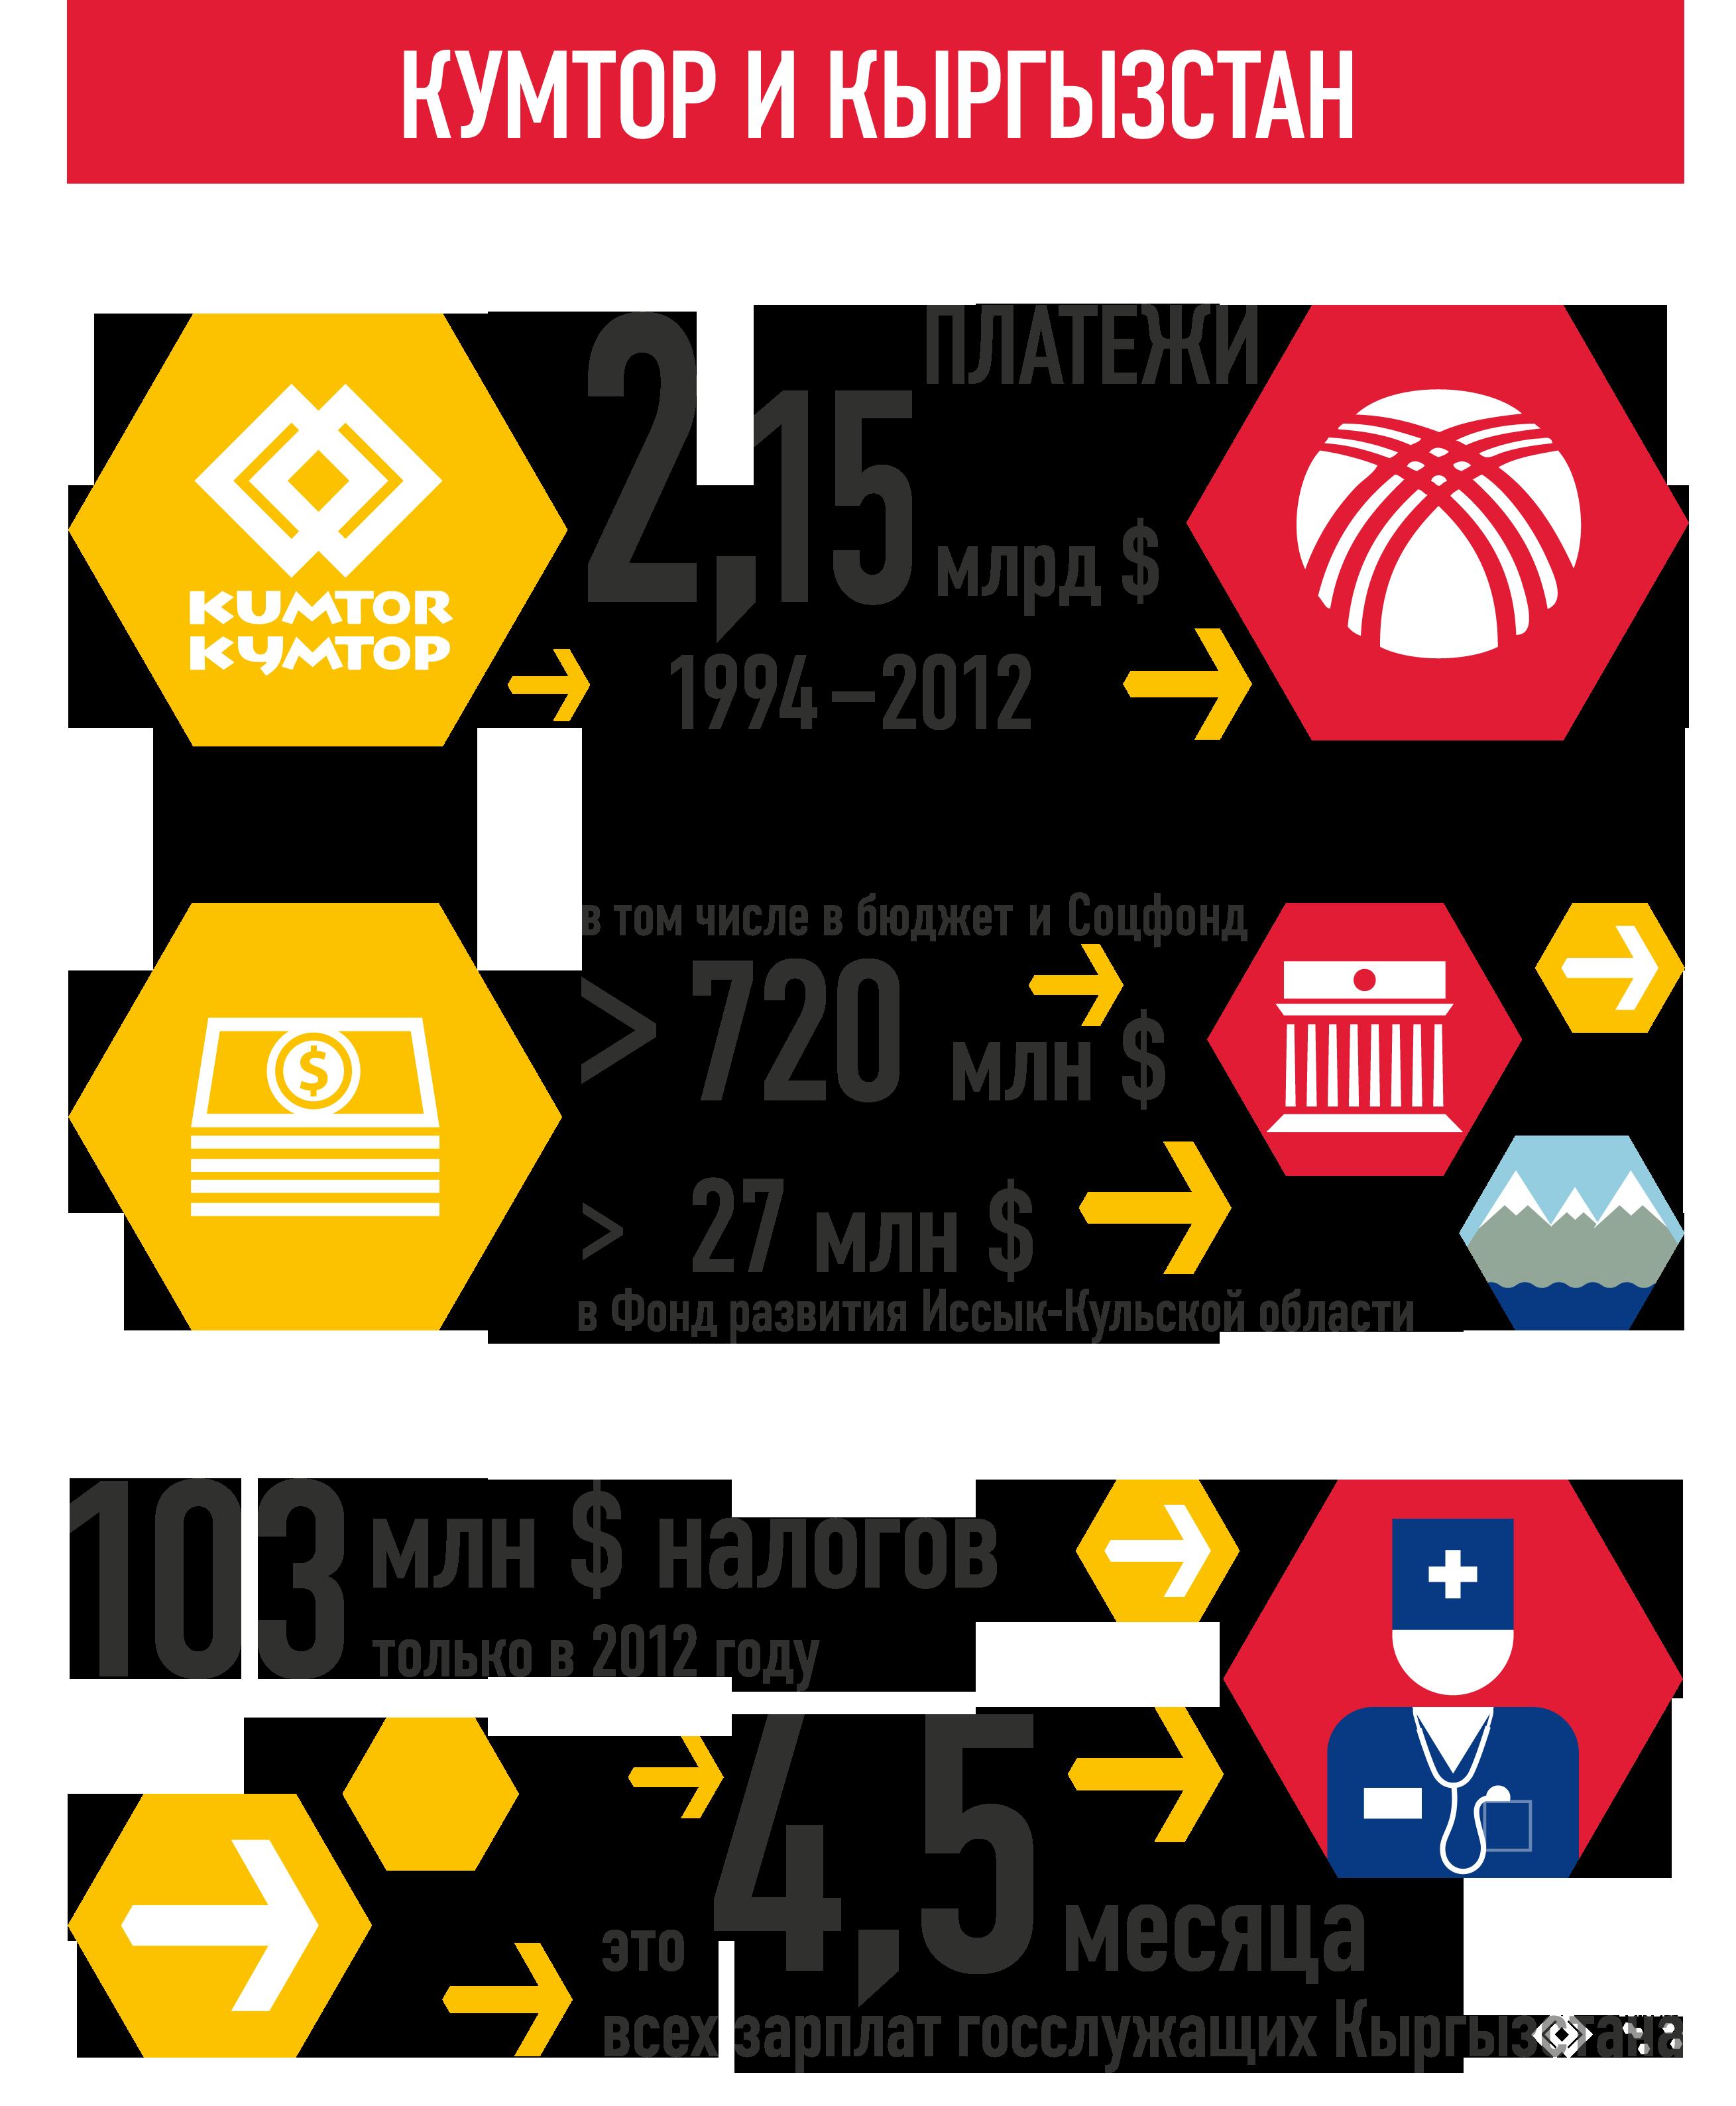 Вклад «Кумтора» в экономику Кыргызской Республики